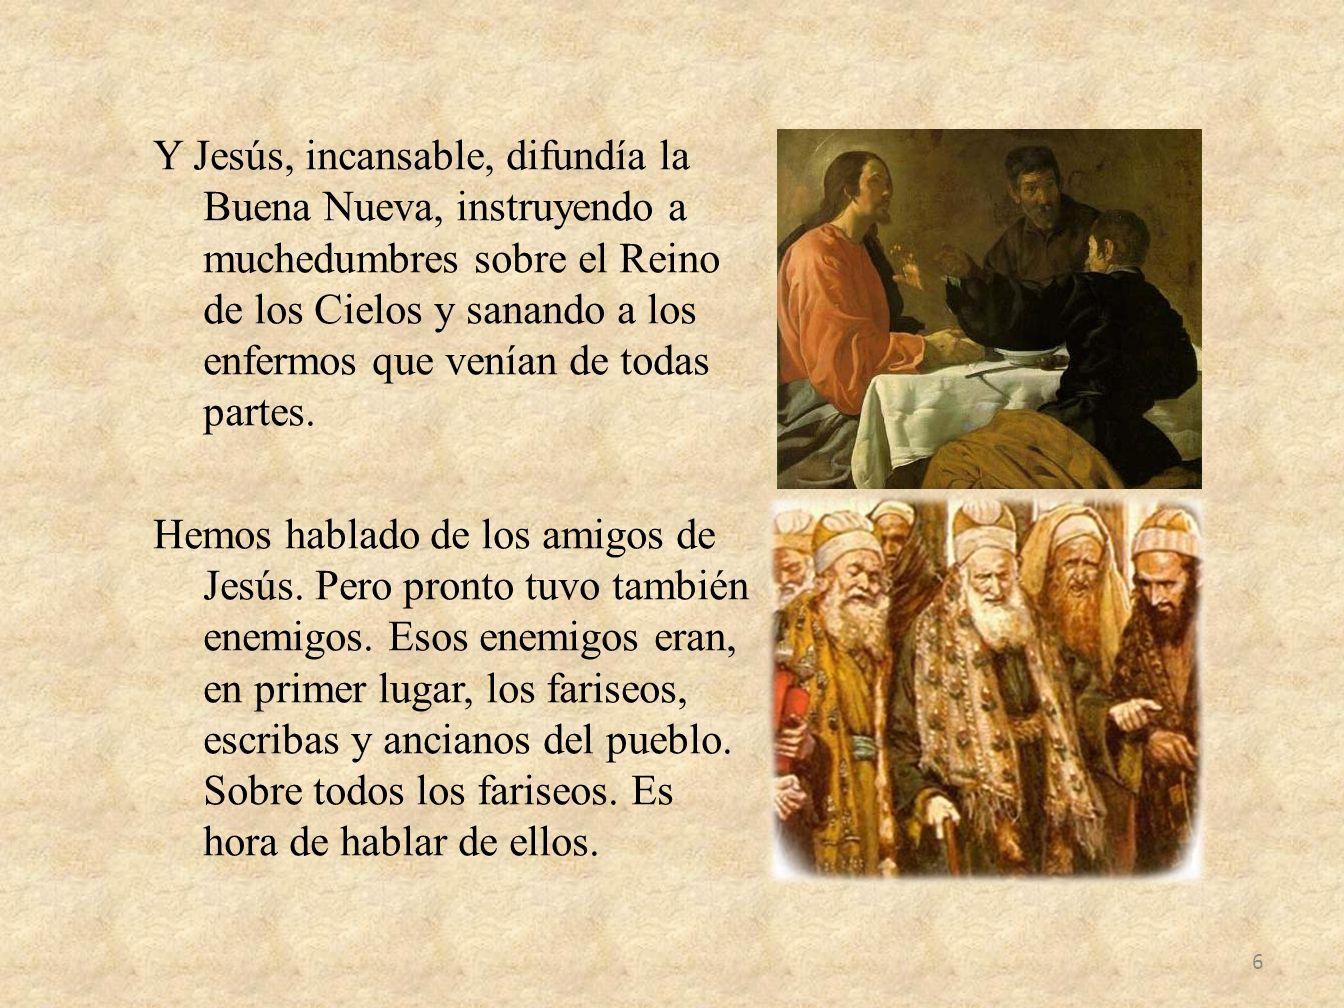 Y Jesús, incansable, difundía la Buena Nueva, instruyendo a muchedumbres sobre el Reino de los Cielos y sanando a los enfermos que venían de todas par